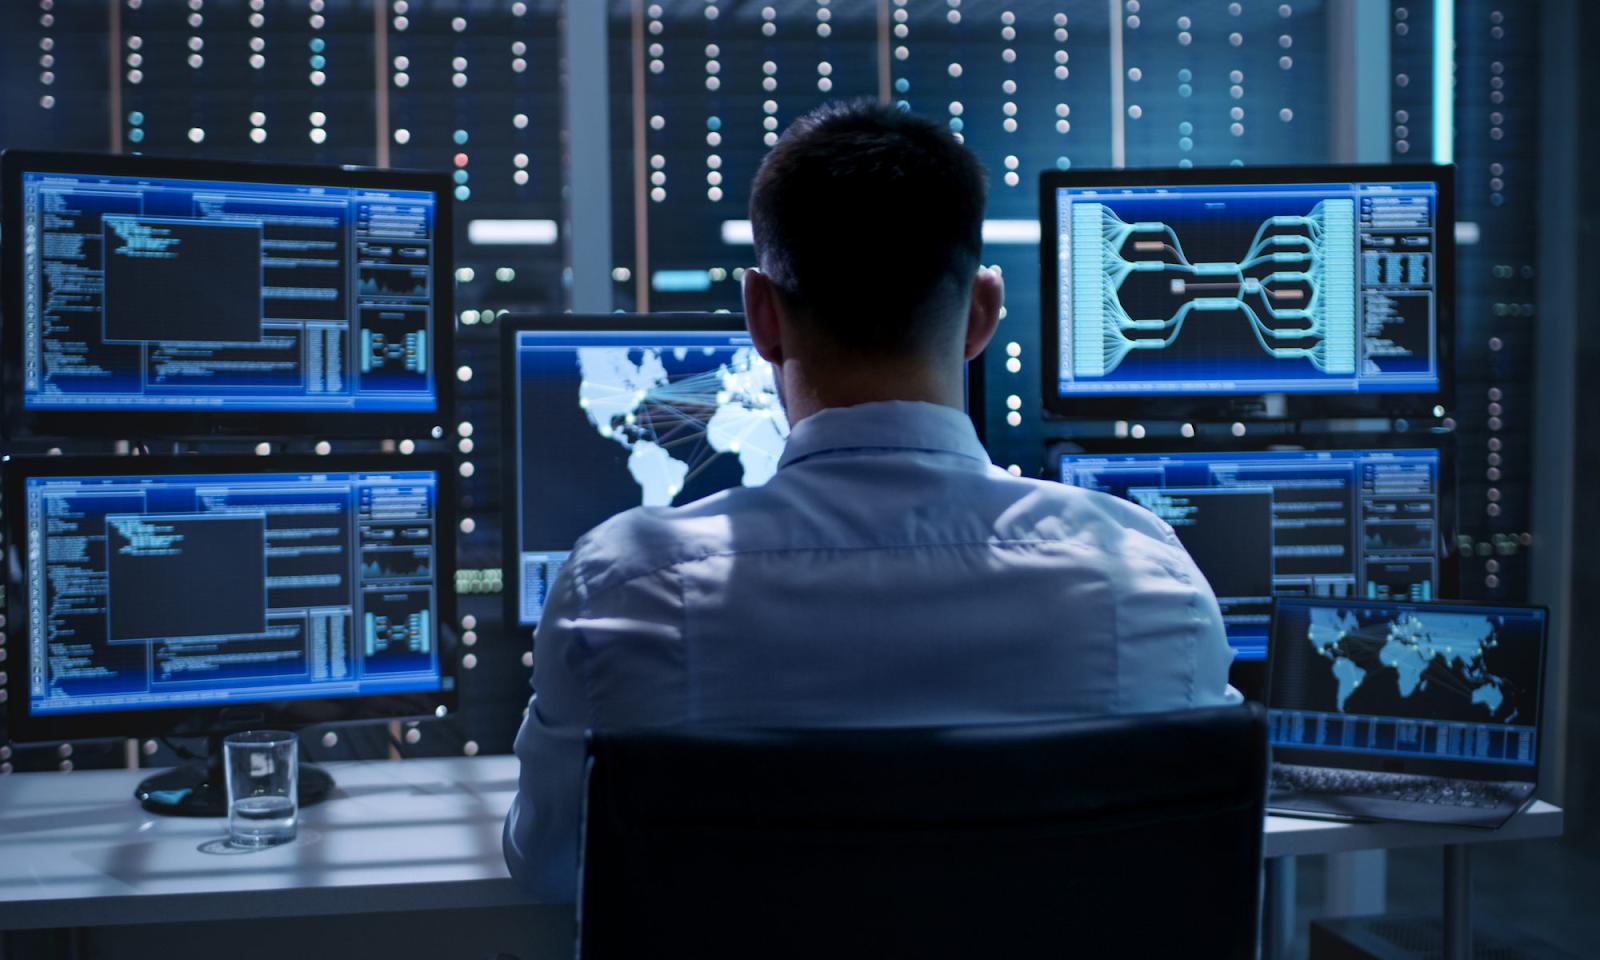 США официально обвинили Россию в хакерской атаке на правительство и военных